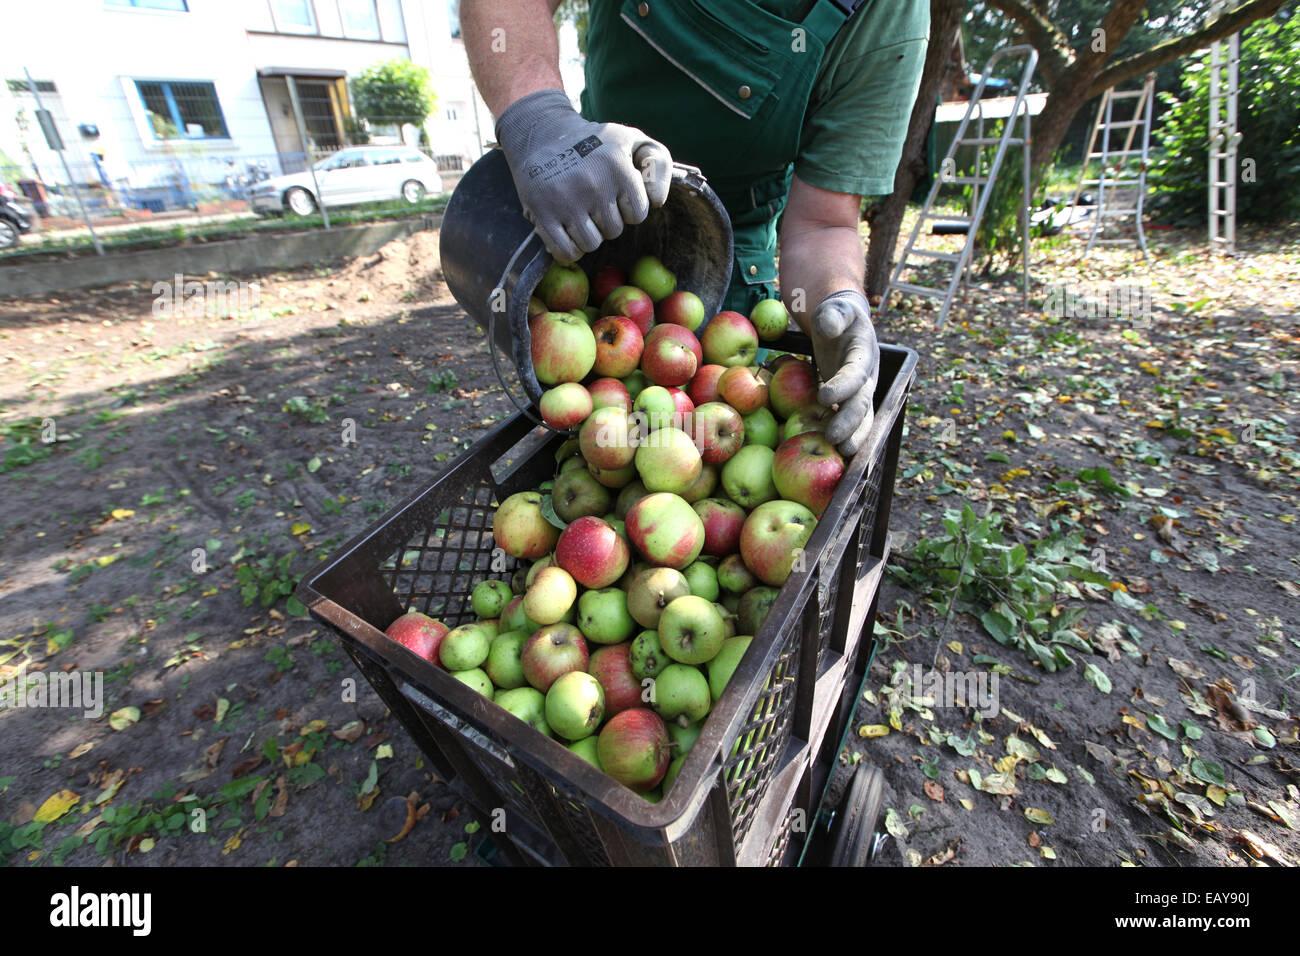 Portrait d'un homme qui les pommes dans un projet d'horticulture urbaine Photo Stock